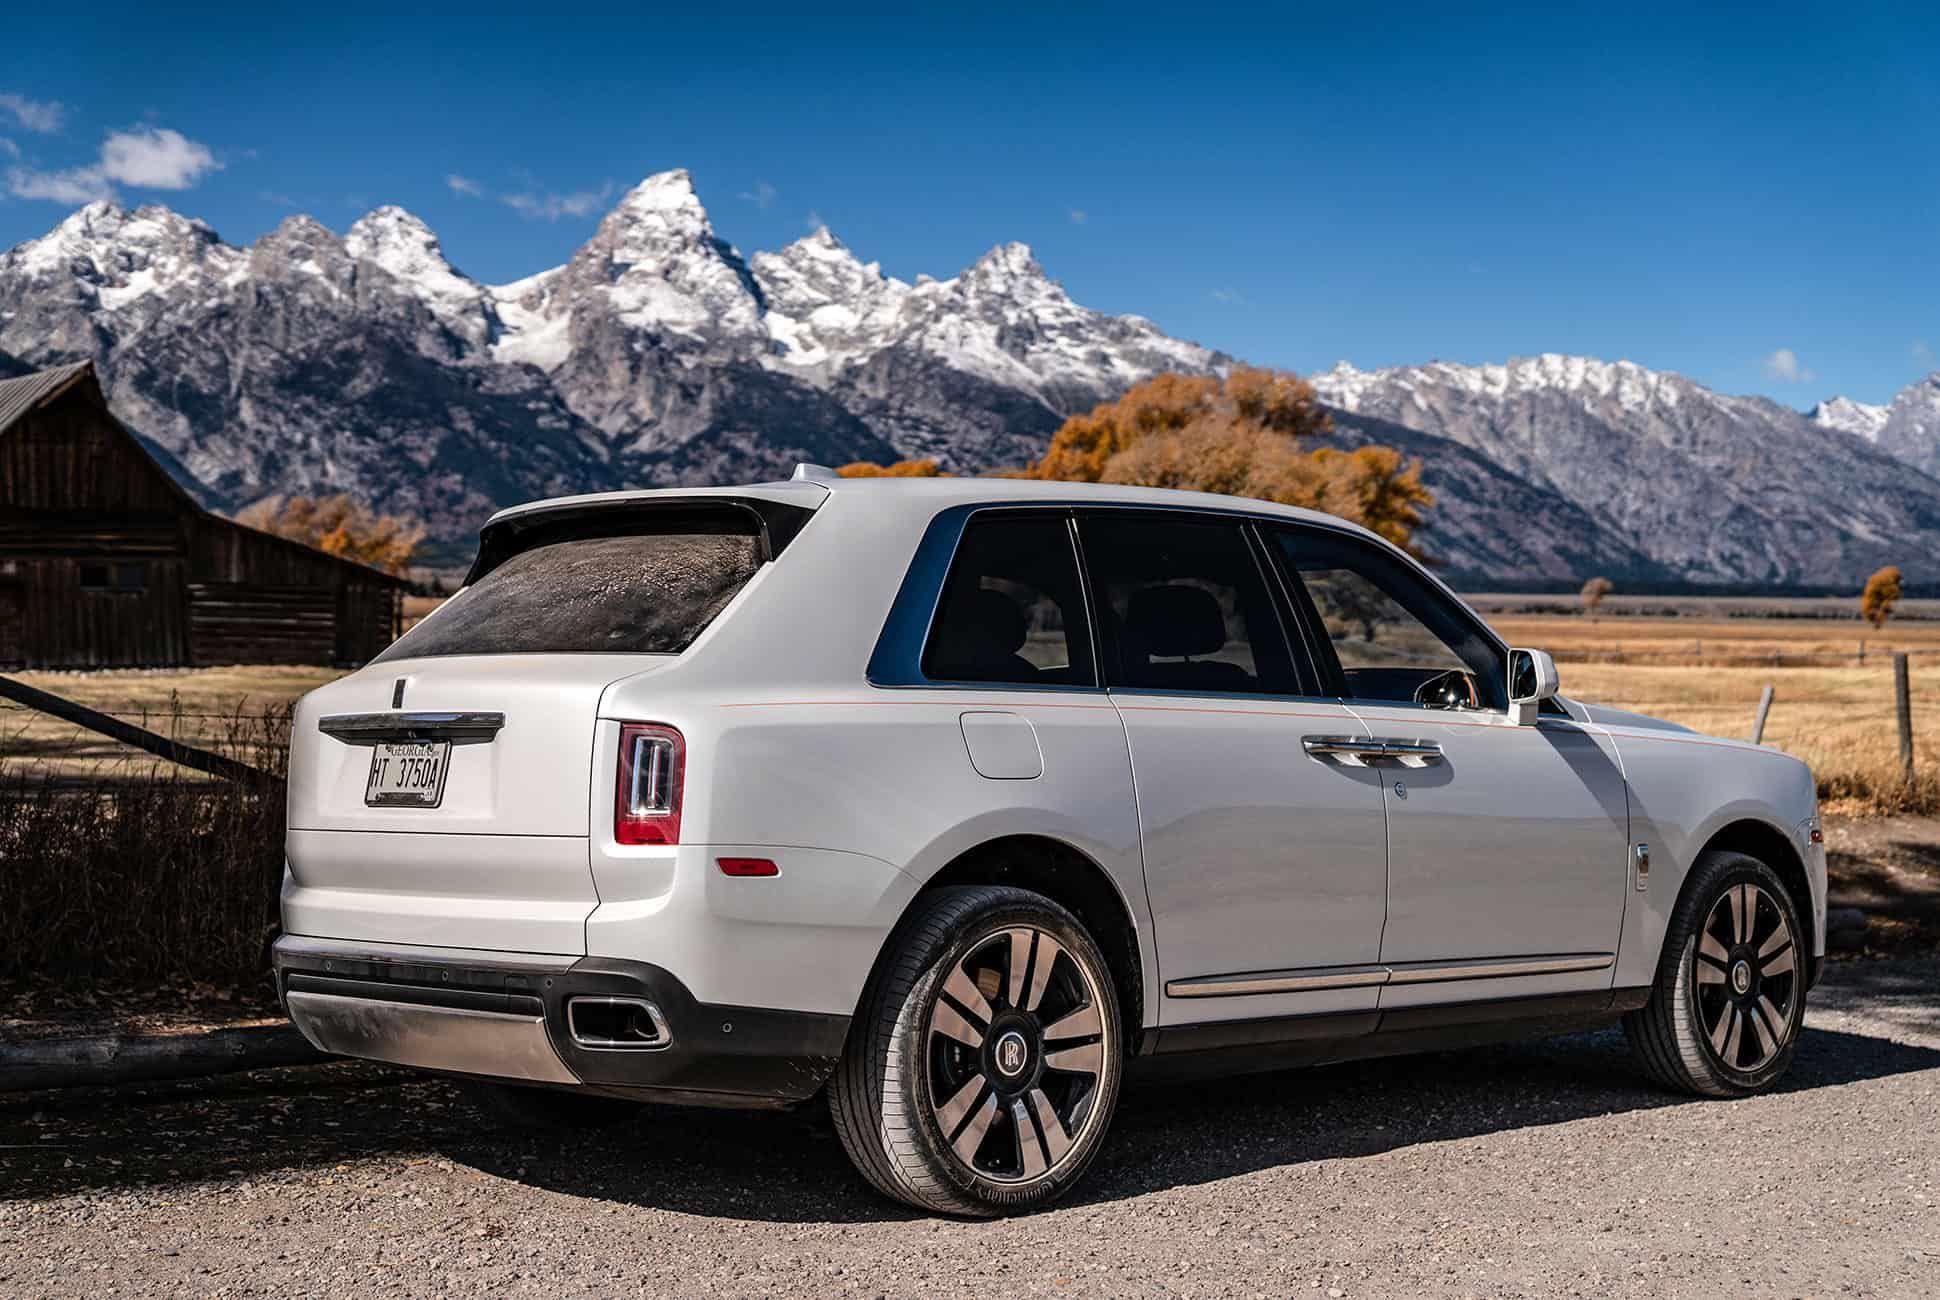 Rolls-Royce-Cullinan-Review-gear-patrol-slide-7